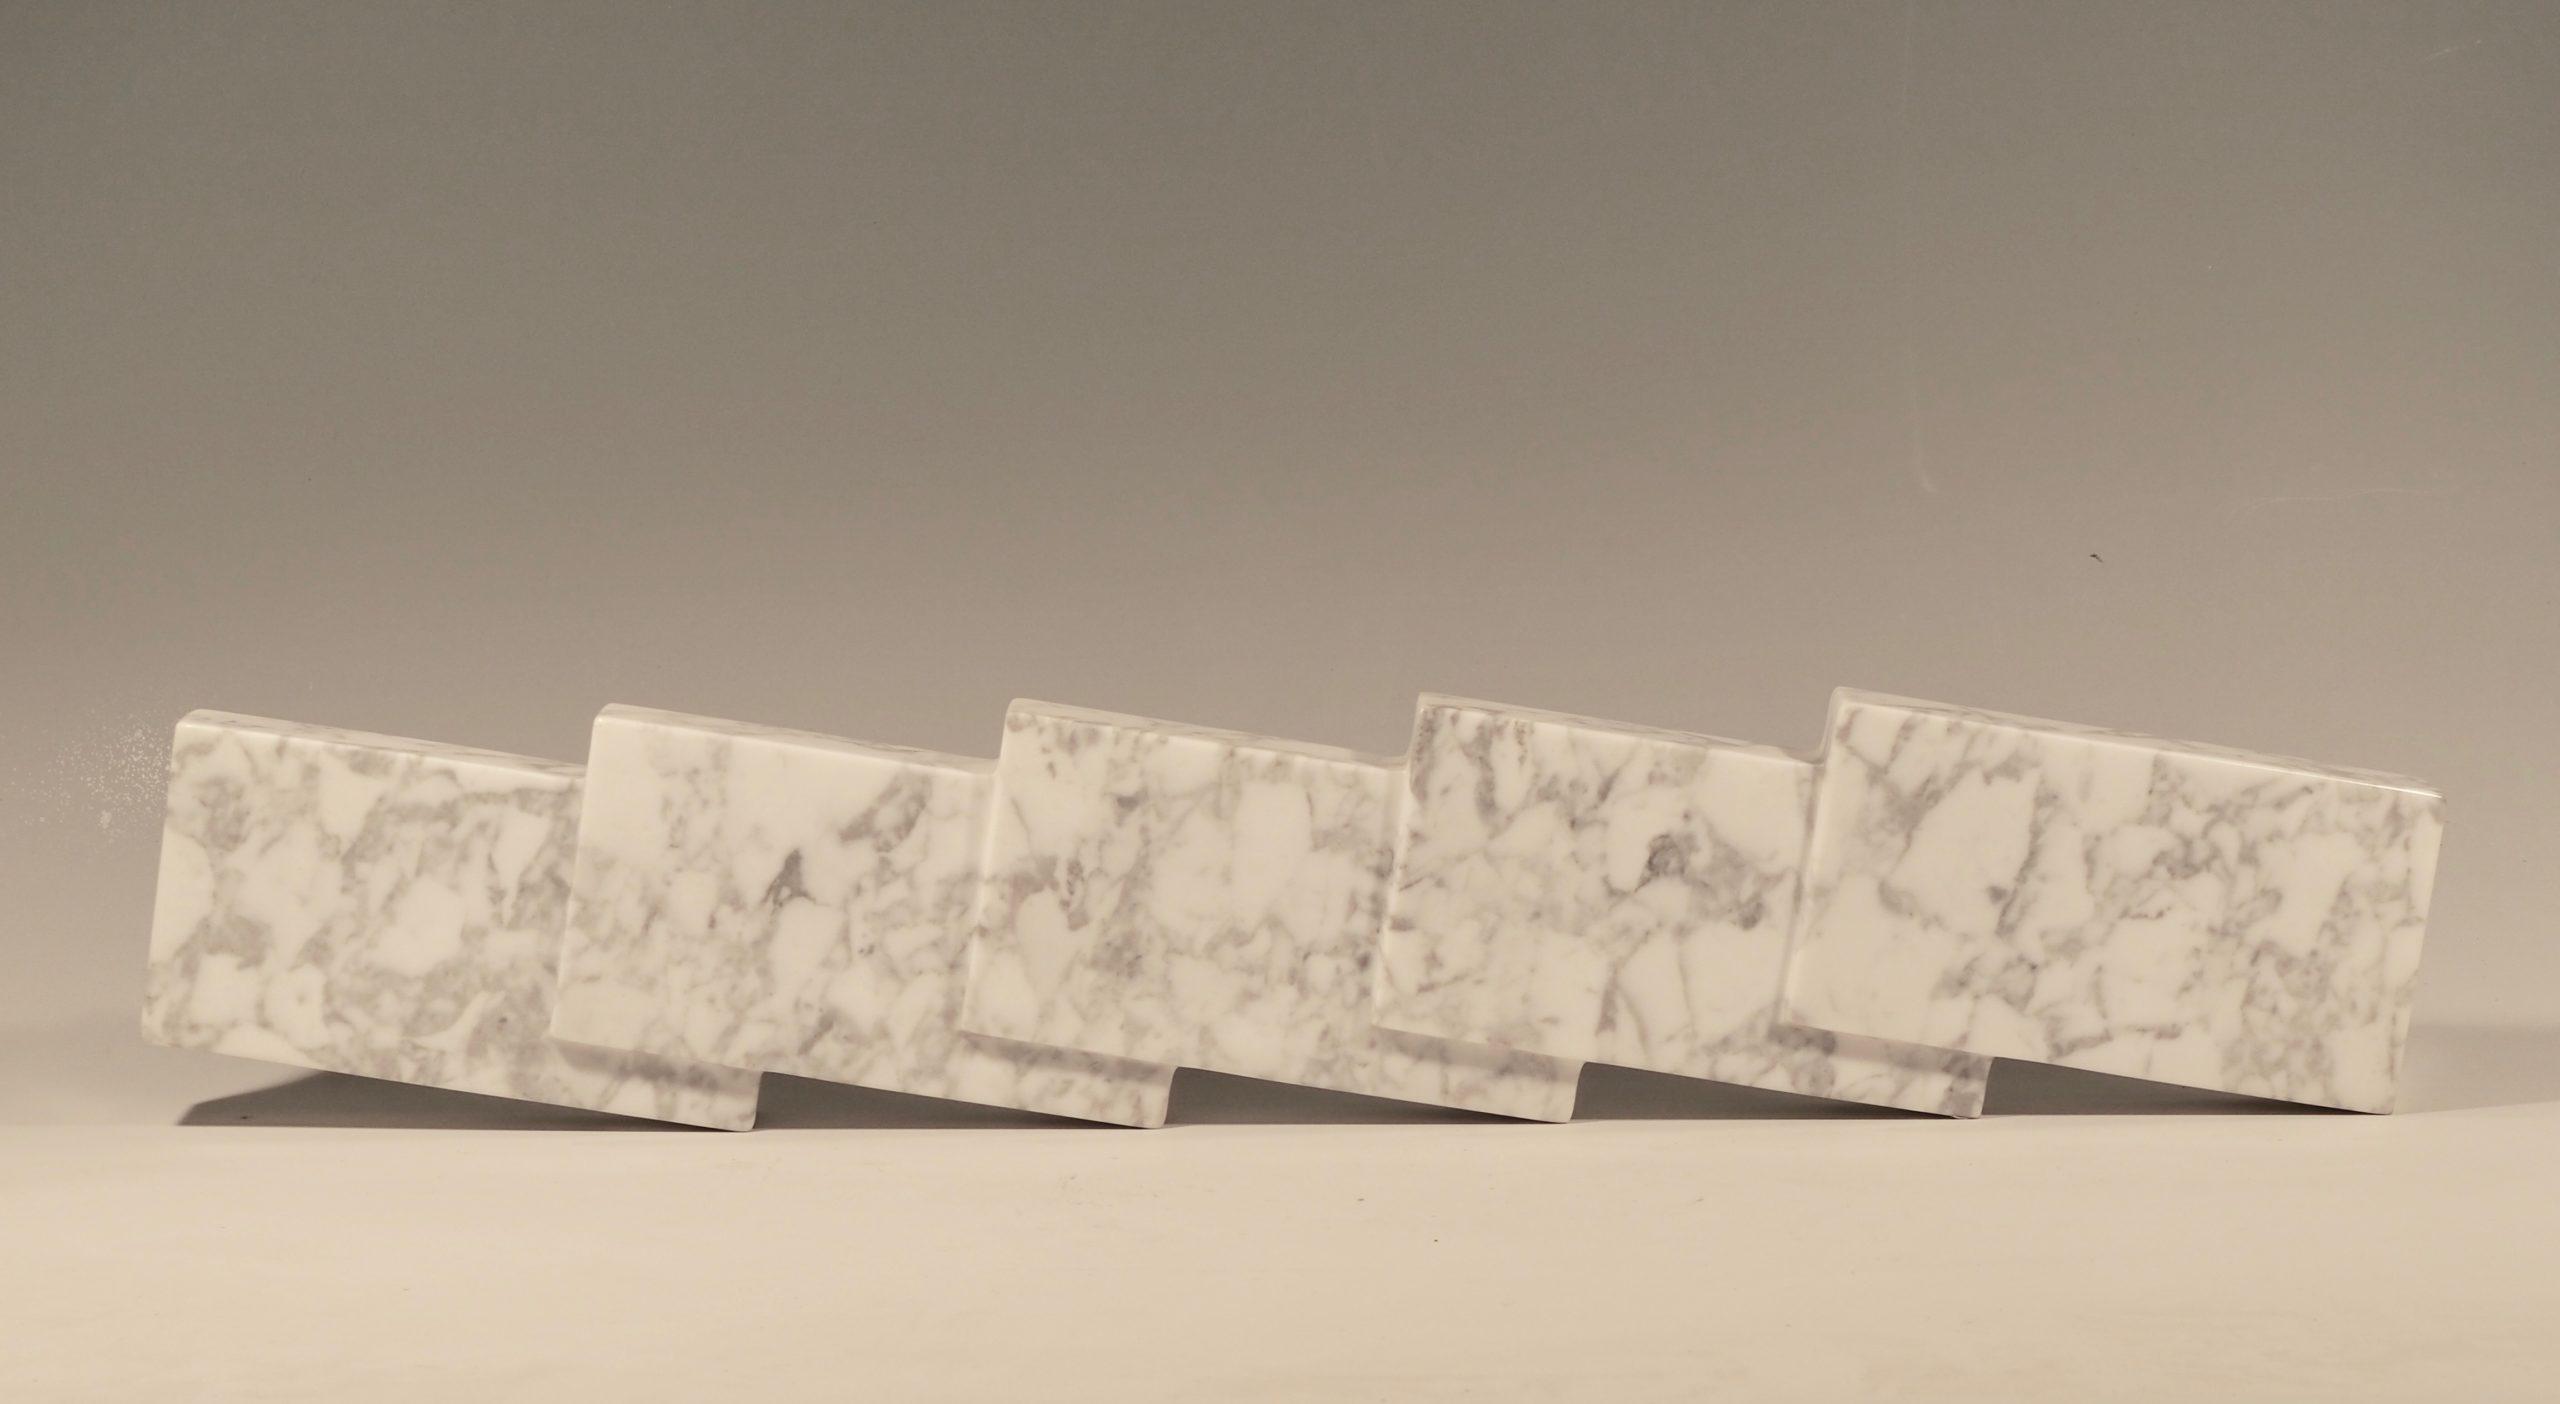 Forløb, Marmor, 14x74x4.5, Pris 9.000 kr.